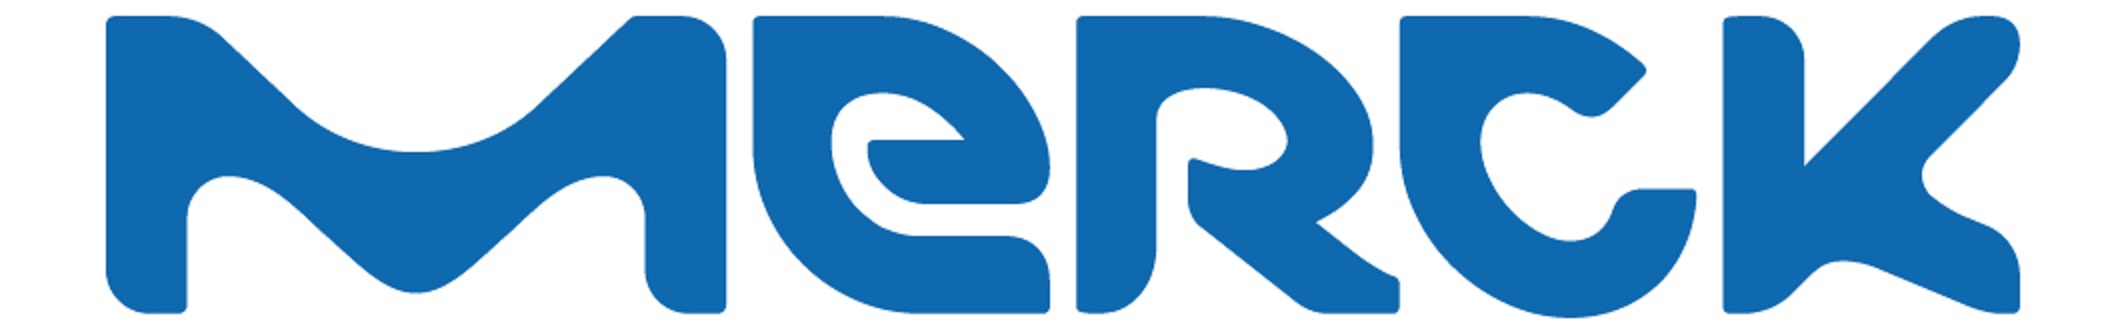 Merck Serono Middle East FZ Ltd